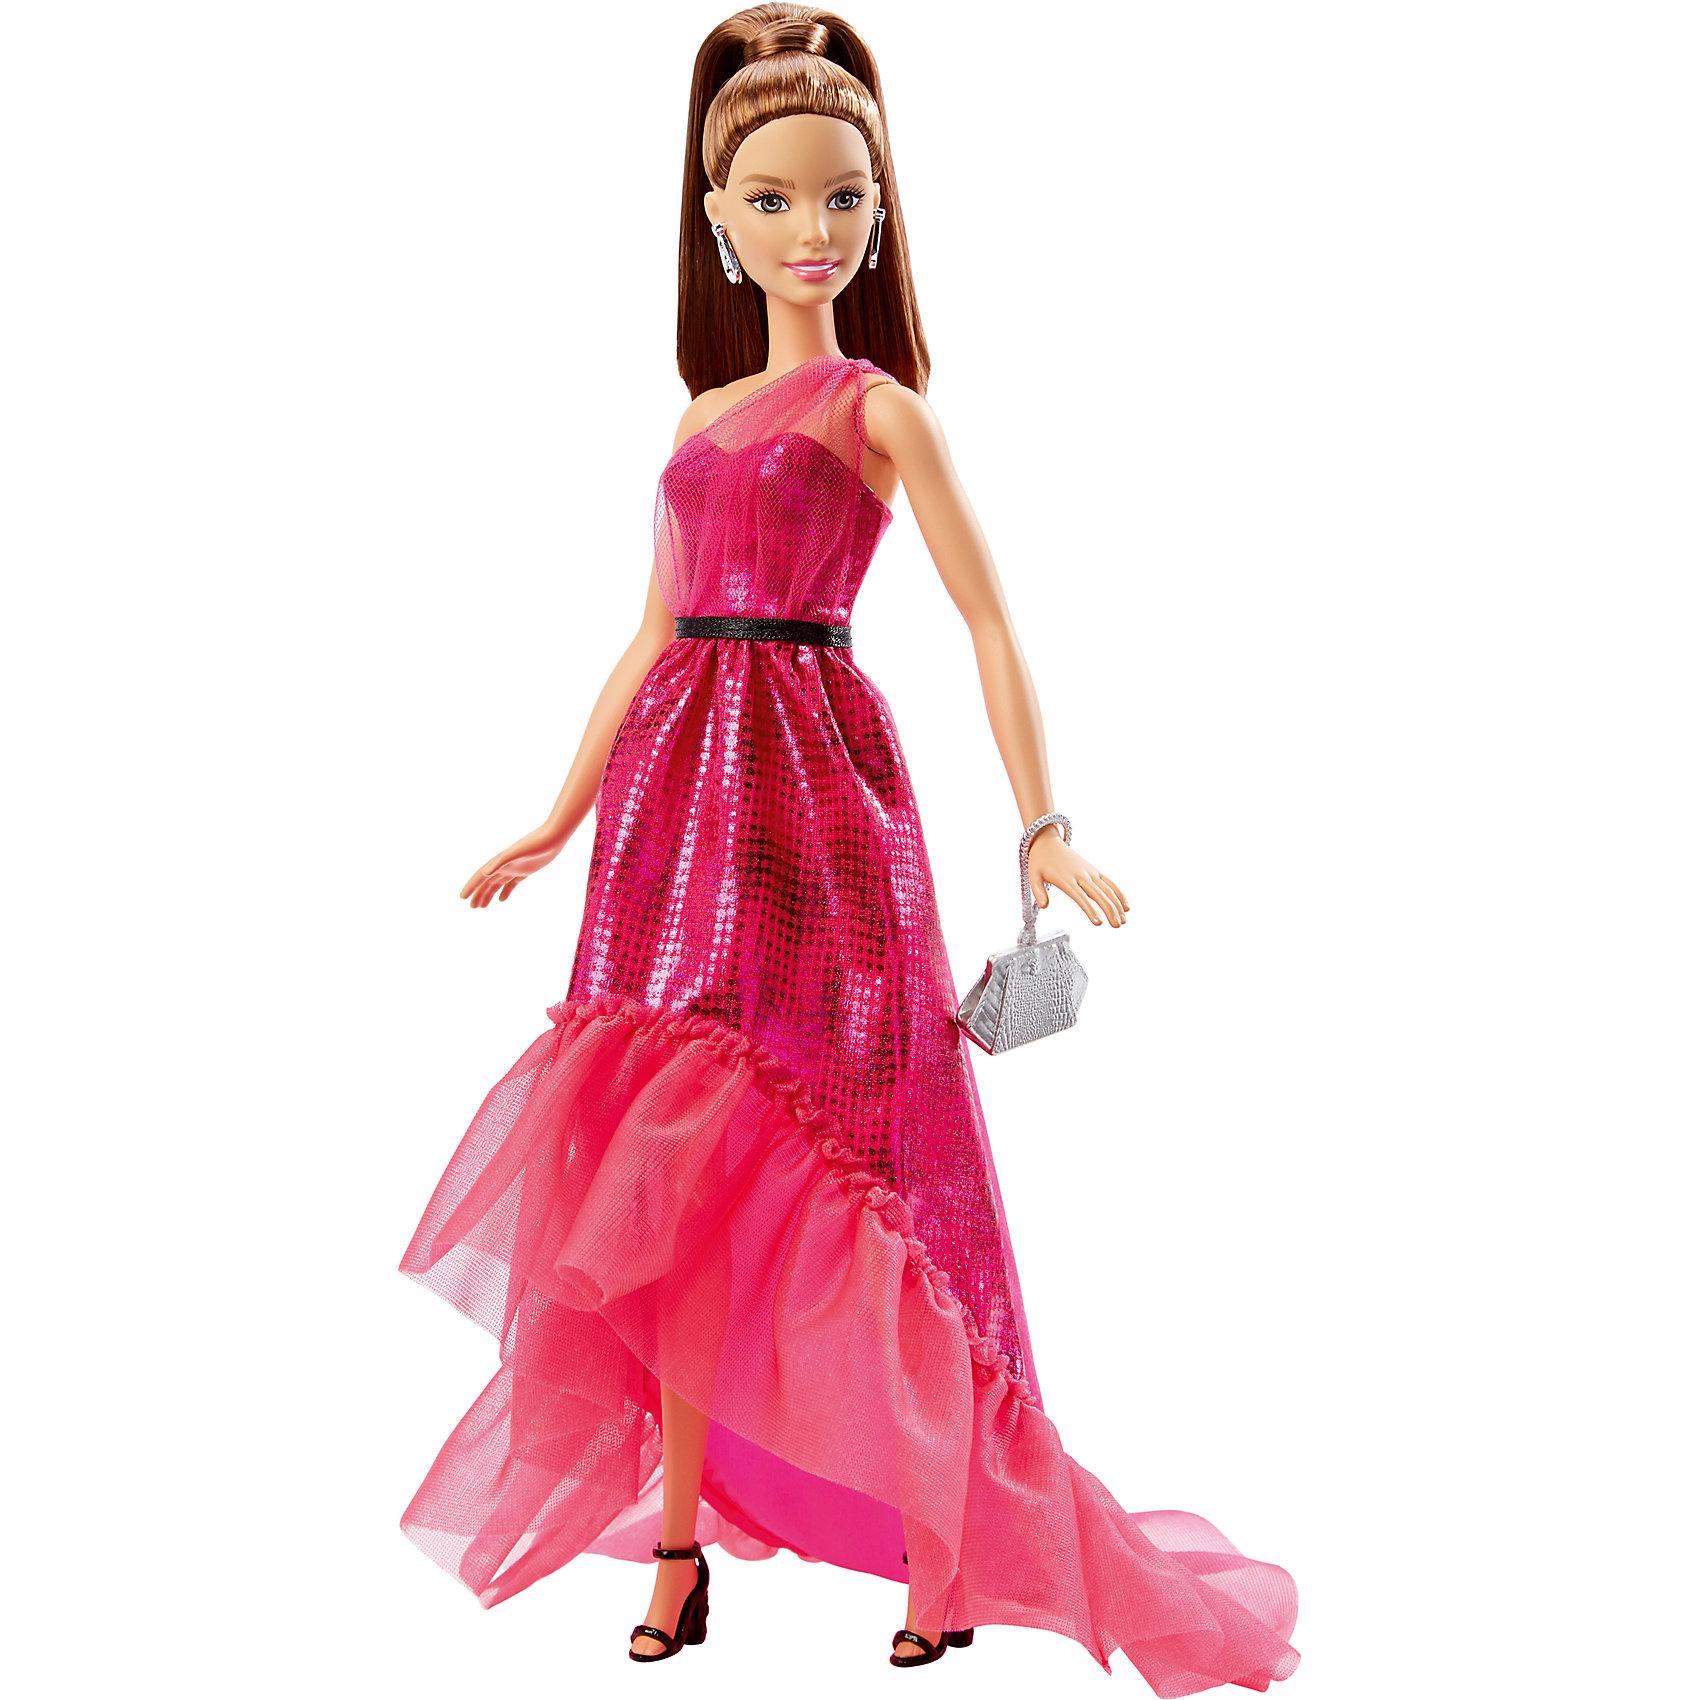 Кукла в вечернем платье-трансформере, BarbieКуклам Барби® идет розовый! Эти потрясающие платья с роскошными аксессуарами и современным покроем — «визитная карточка» Барби®. На выбор есть два варианта. Первый — кружевной верх, блестящая юбка «русалочка» (с тонкими оборками внизу) и длинные светлые волосы с розовыми прядями. Второй — сверкающее платье цвета «розовый металлик» с тонкими оборками на зауженной книзу юбке и темные волосы, собранные в высокий хвостик. У каждой куклы — свои принадлежности: серебряное украшение, подходящие к одежде туфли и сумочка. Барби® всегда одеты идеально и готовы сейчас же отправиться хоть на премьеру, хоть на званый вечер, хоть на показ мод! В наборе — кукла в одежде с обувью, украшением и сумочкой.<br><br>Ширина мм: 330<br>Глубина мм: 170<br>Высота мм: 330<br>Вес г: 279<br>Возраст от месяцев: 36<br>Возраст до месяцев: 396<br>Пол: Женский<br>Возраст: Детский<br>SKU: 4874138